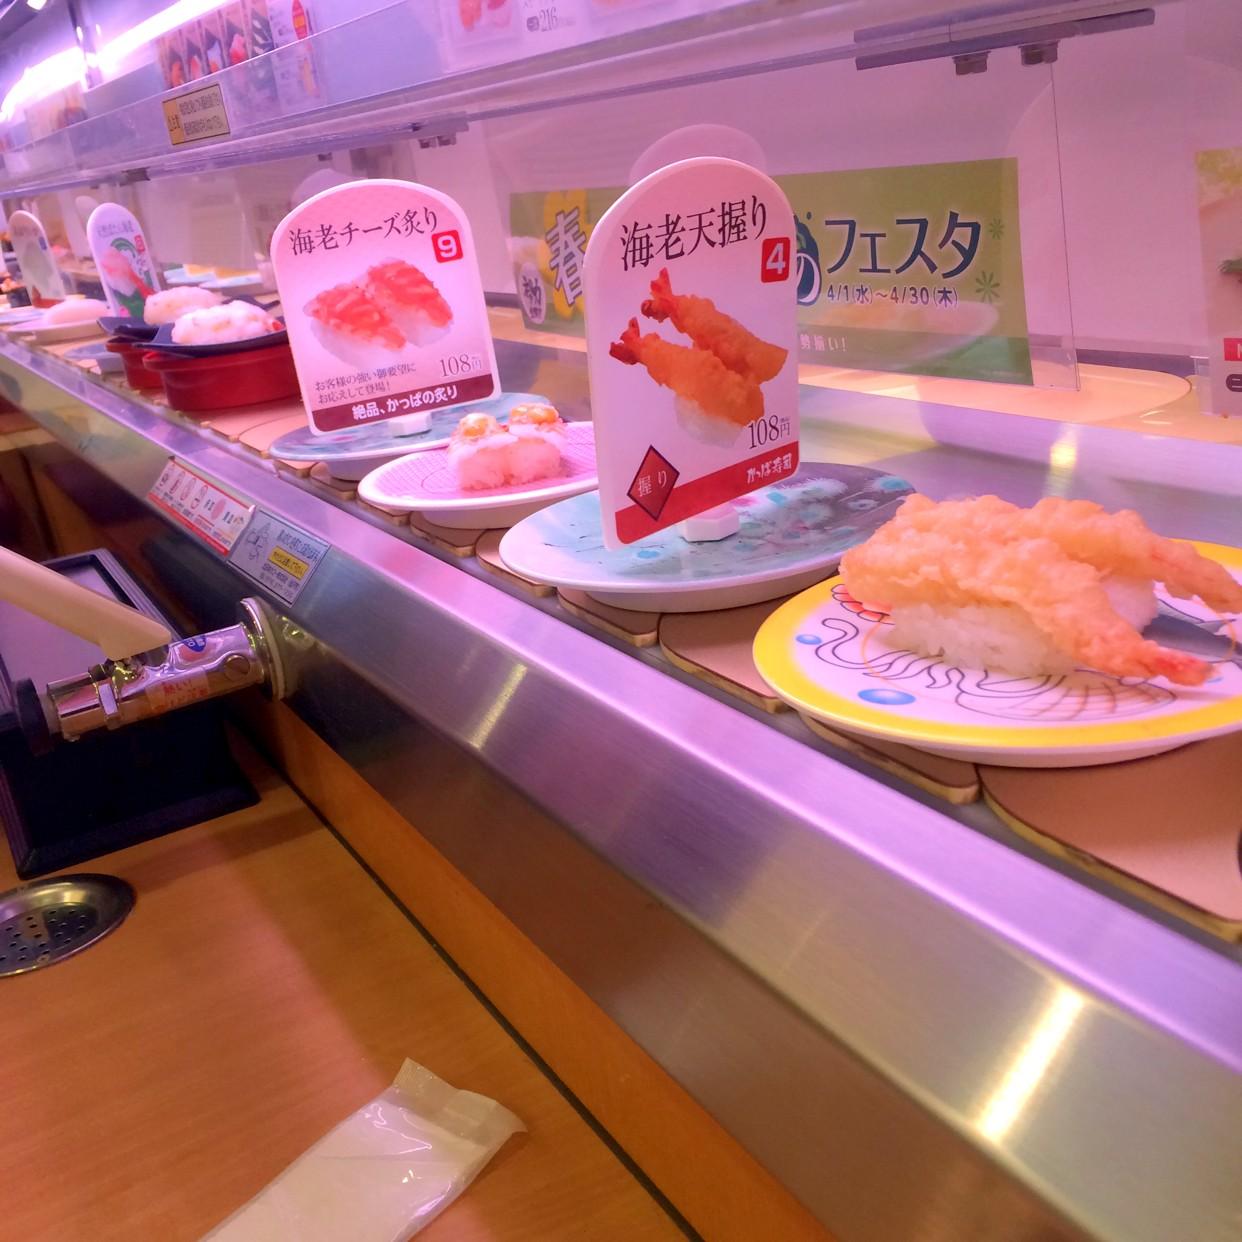 遊びゴコロ満載かっぱ寿司!マル特クーポンでお腹もふところも満足♪